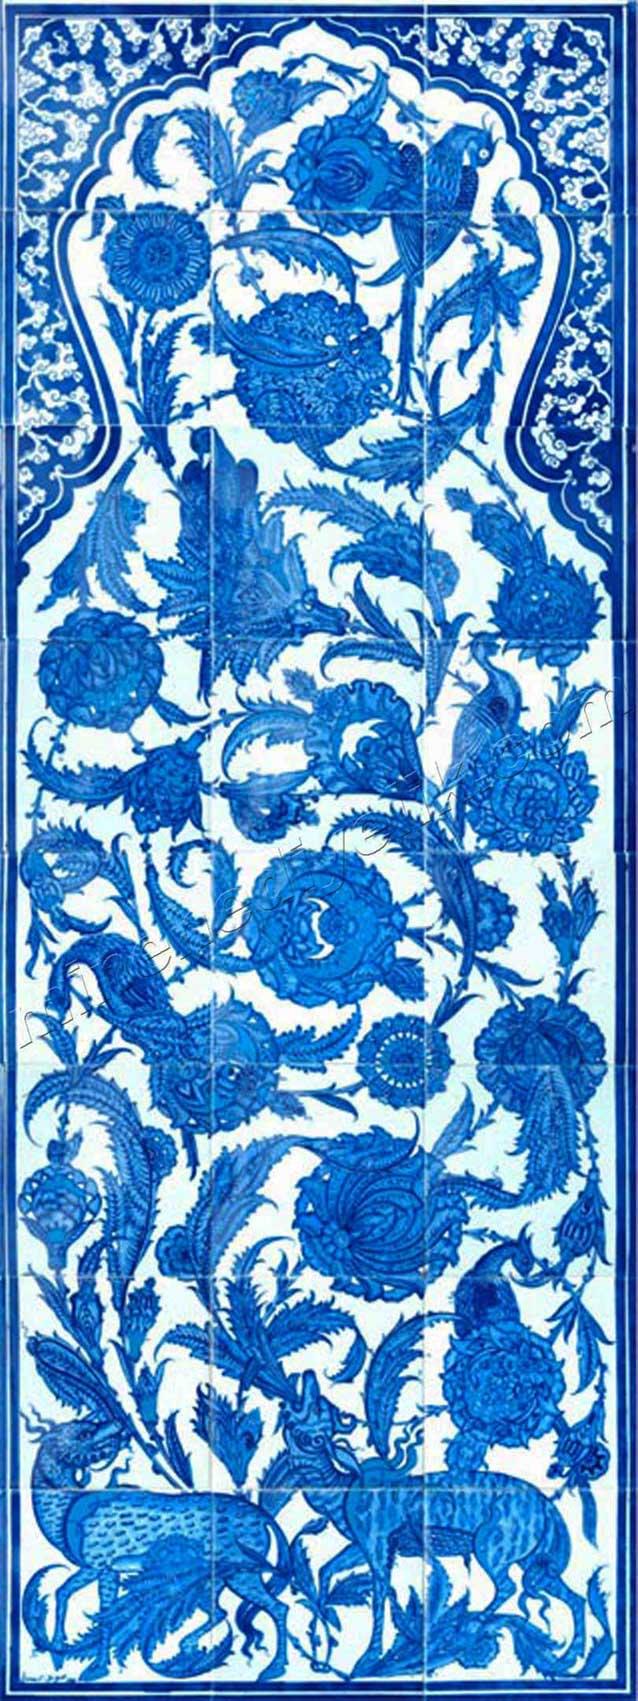 Ceylanlı çini pano Topkapı sarayı müzesi sünnet odası konut okul üniversite mekan dekorasyonu için Seramik ve çini pano atölyesi el yapımı İznik ve Kütahya Çinileri